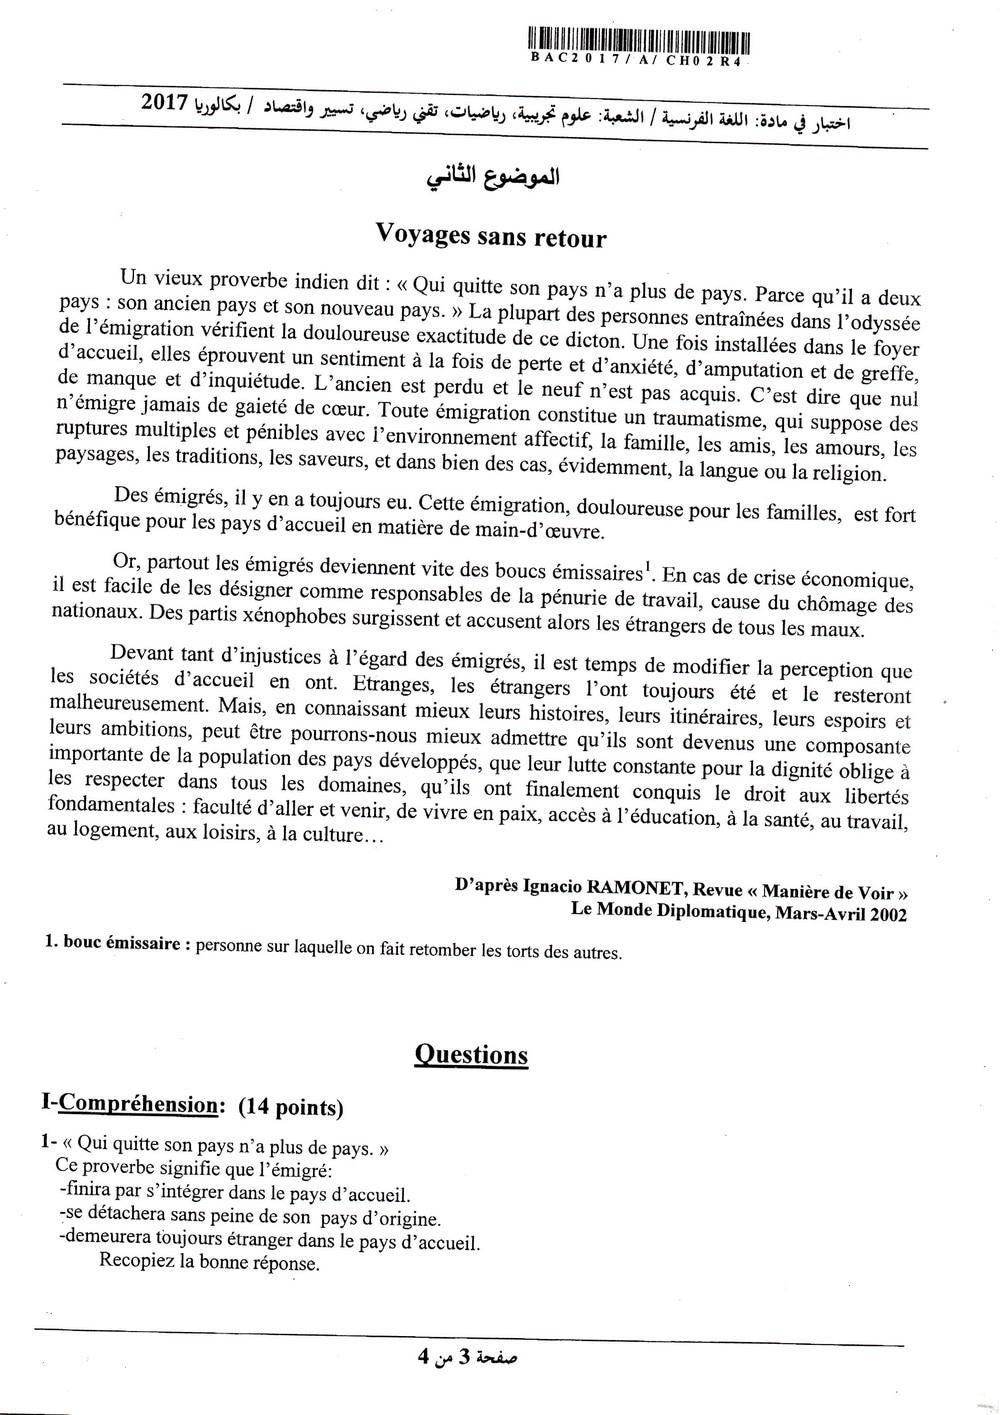 شهادة البكالوريا 2016 المواضيع و التصحيحات شعبة الرياضيات French-sci-bac2017-page-3_1_orig